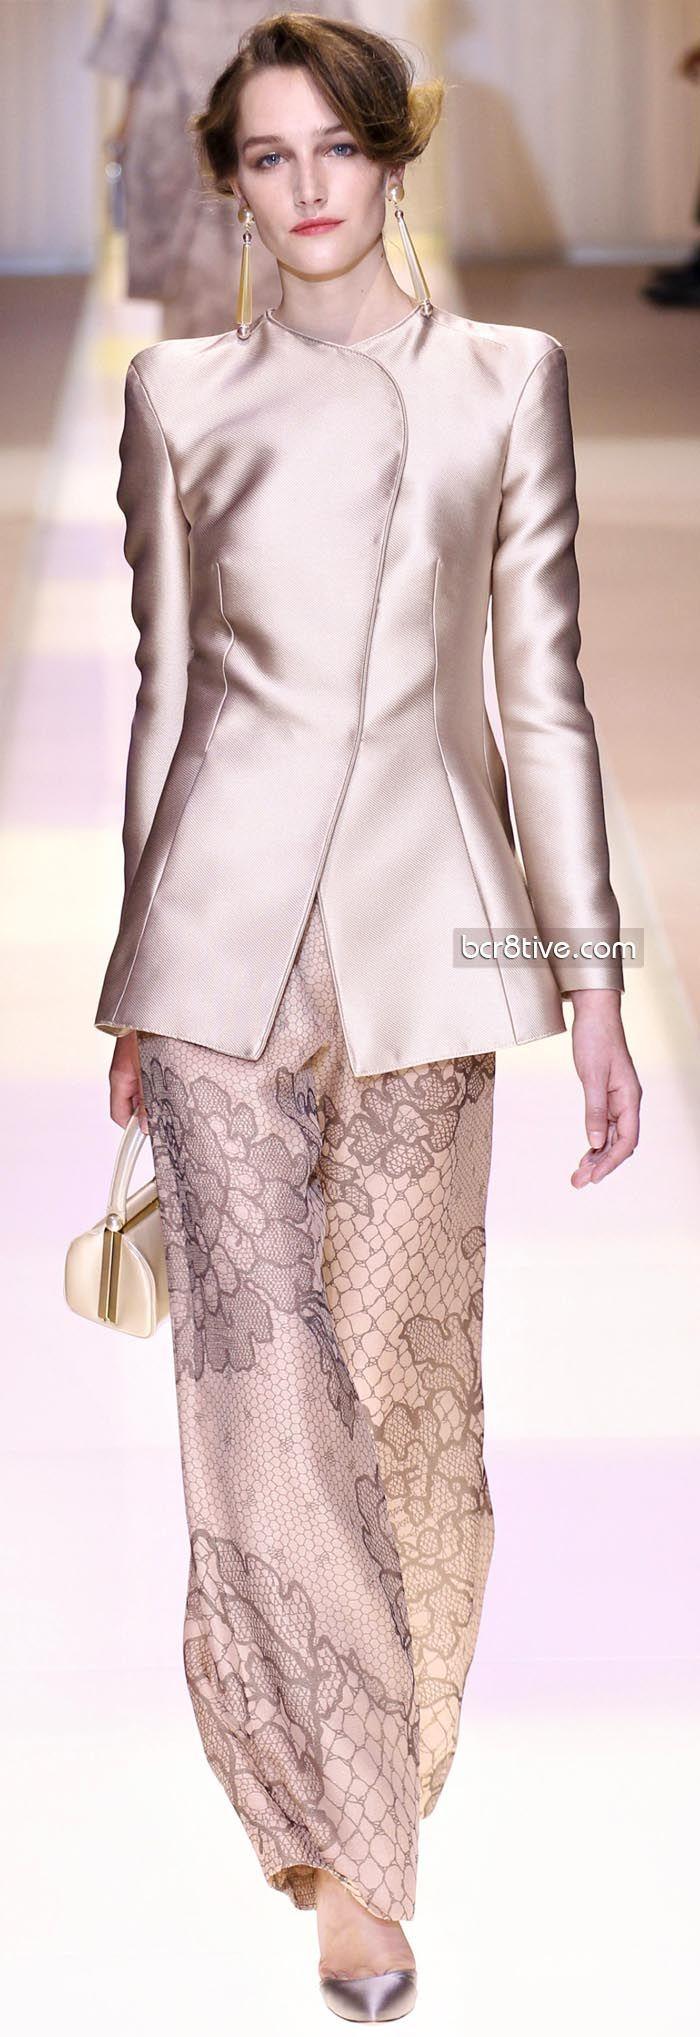 Giorgio armani priv fall winter 2013 14 haute couture for Haute couture winter